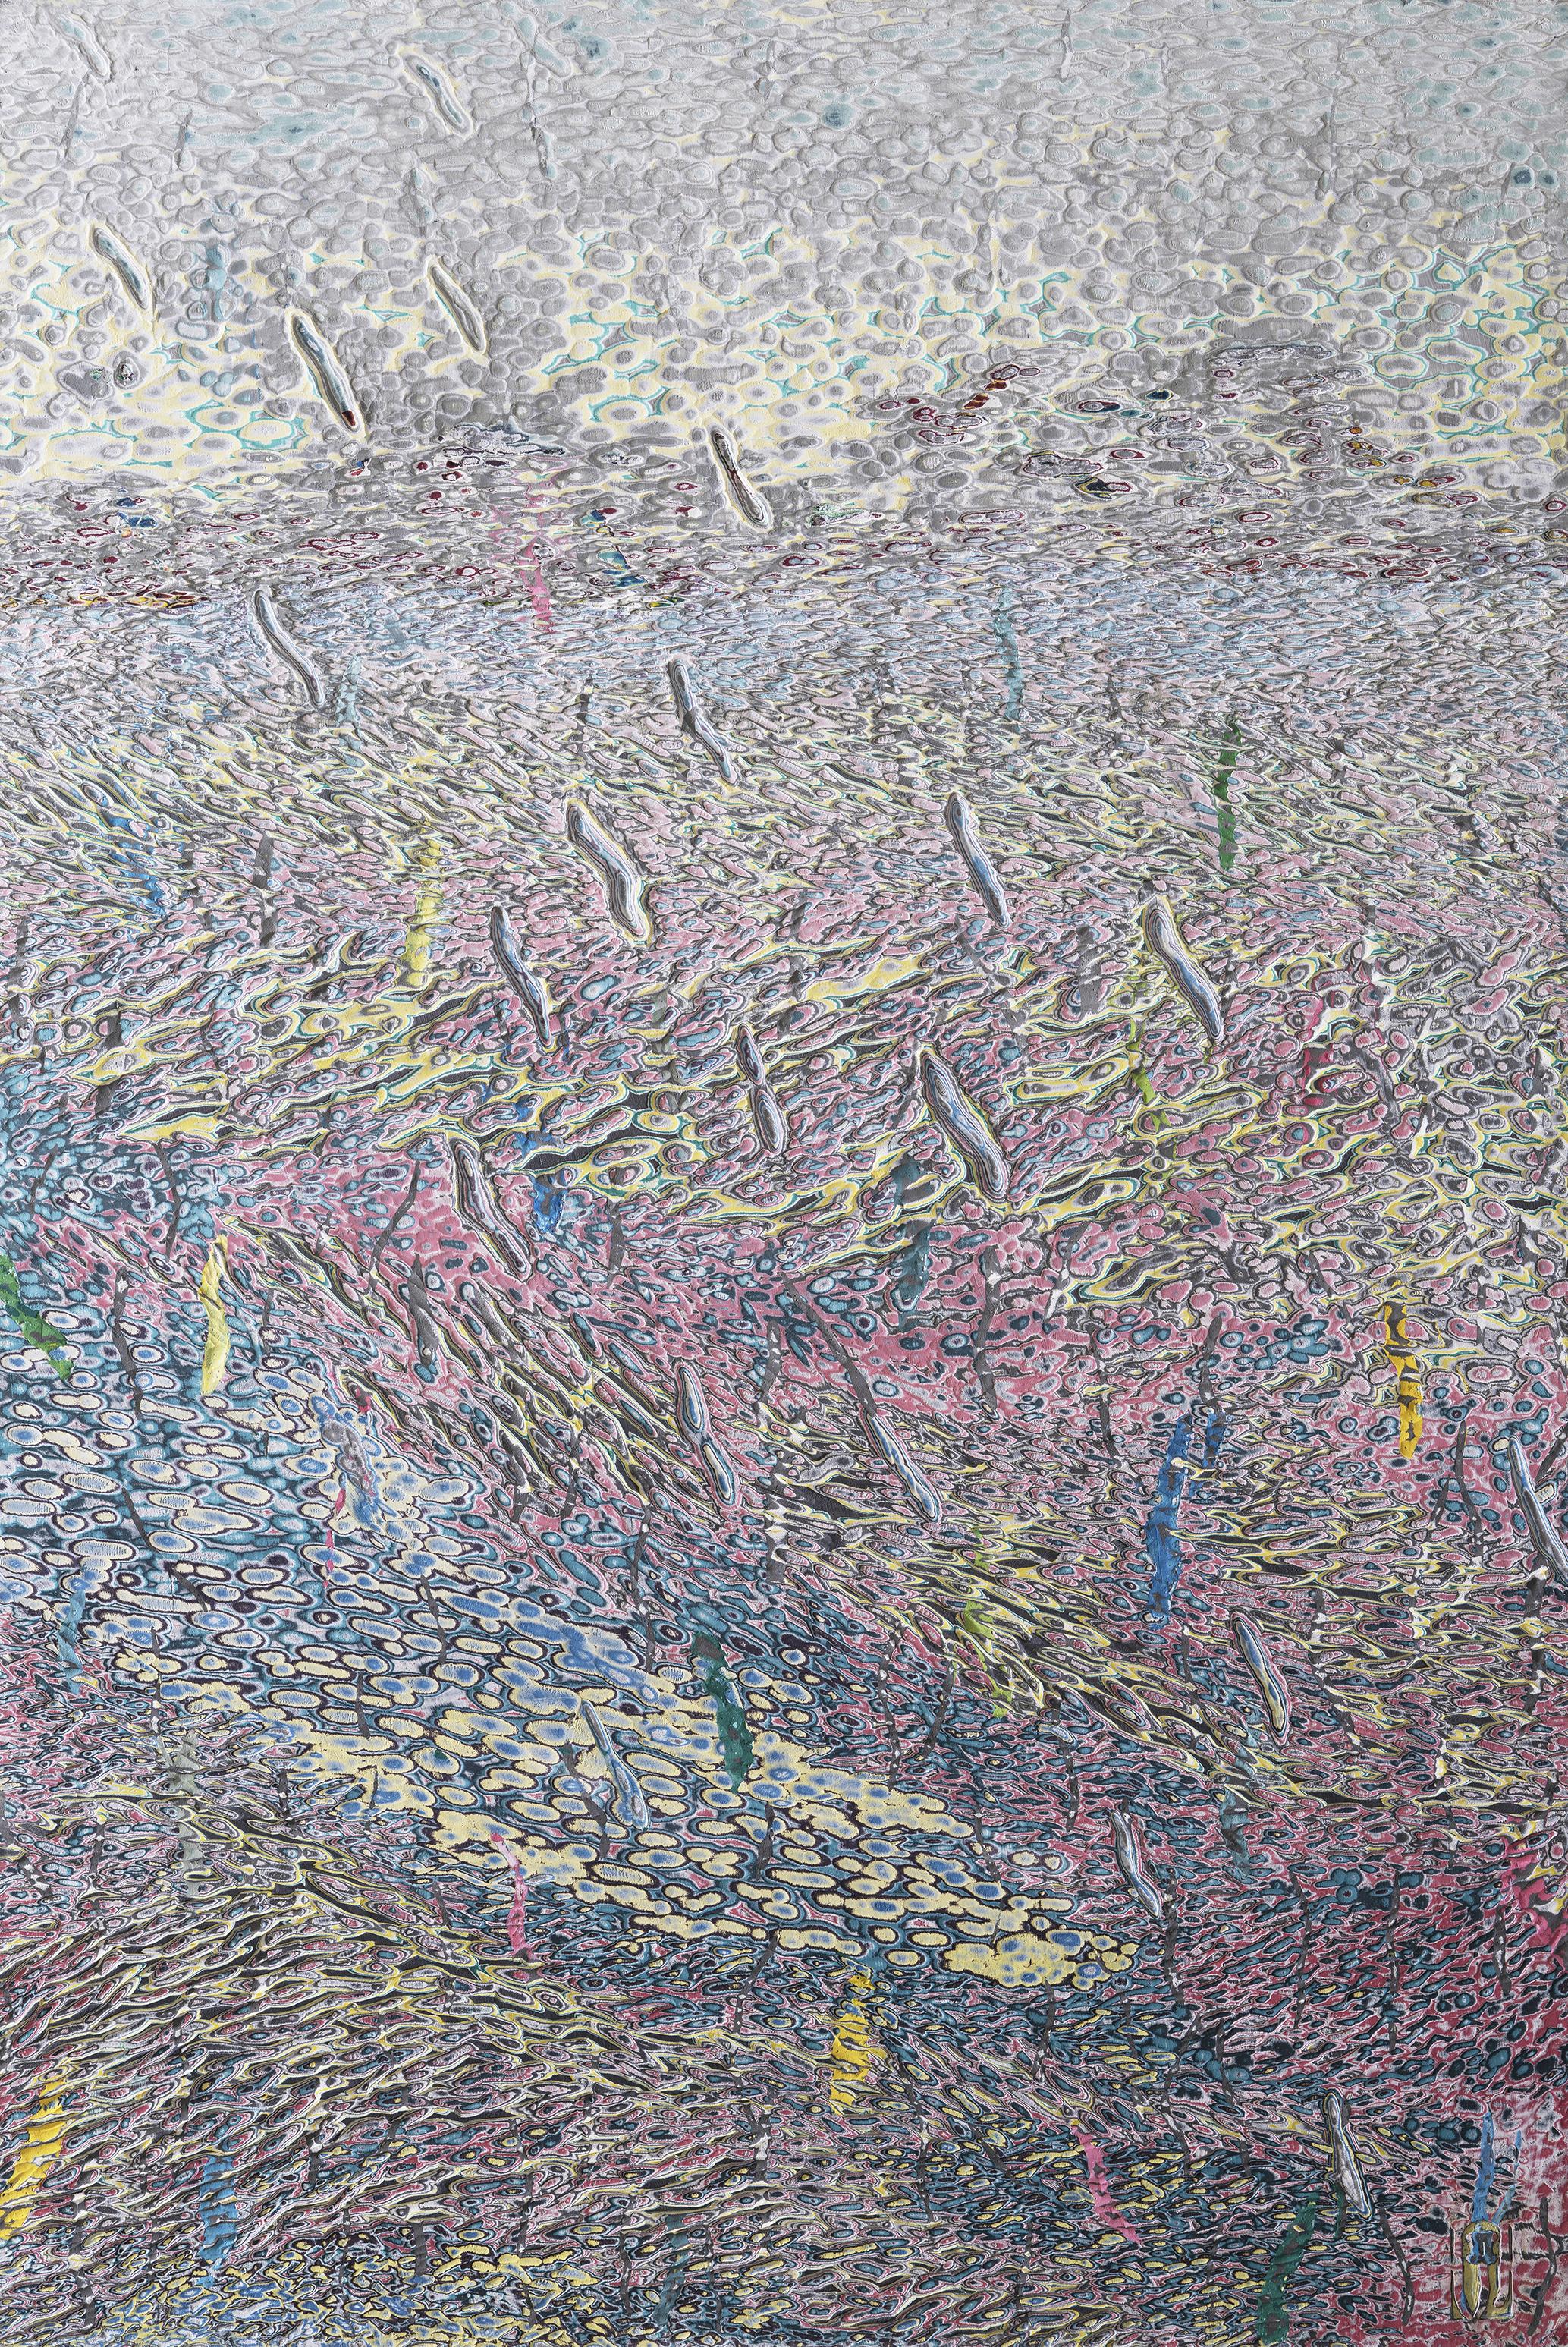 007, 김재신, 바다, 146 x 97cm(80호), 나무판 위 색조각